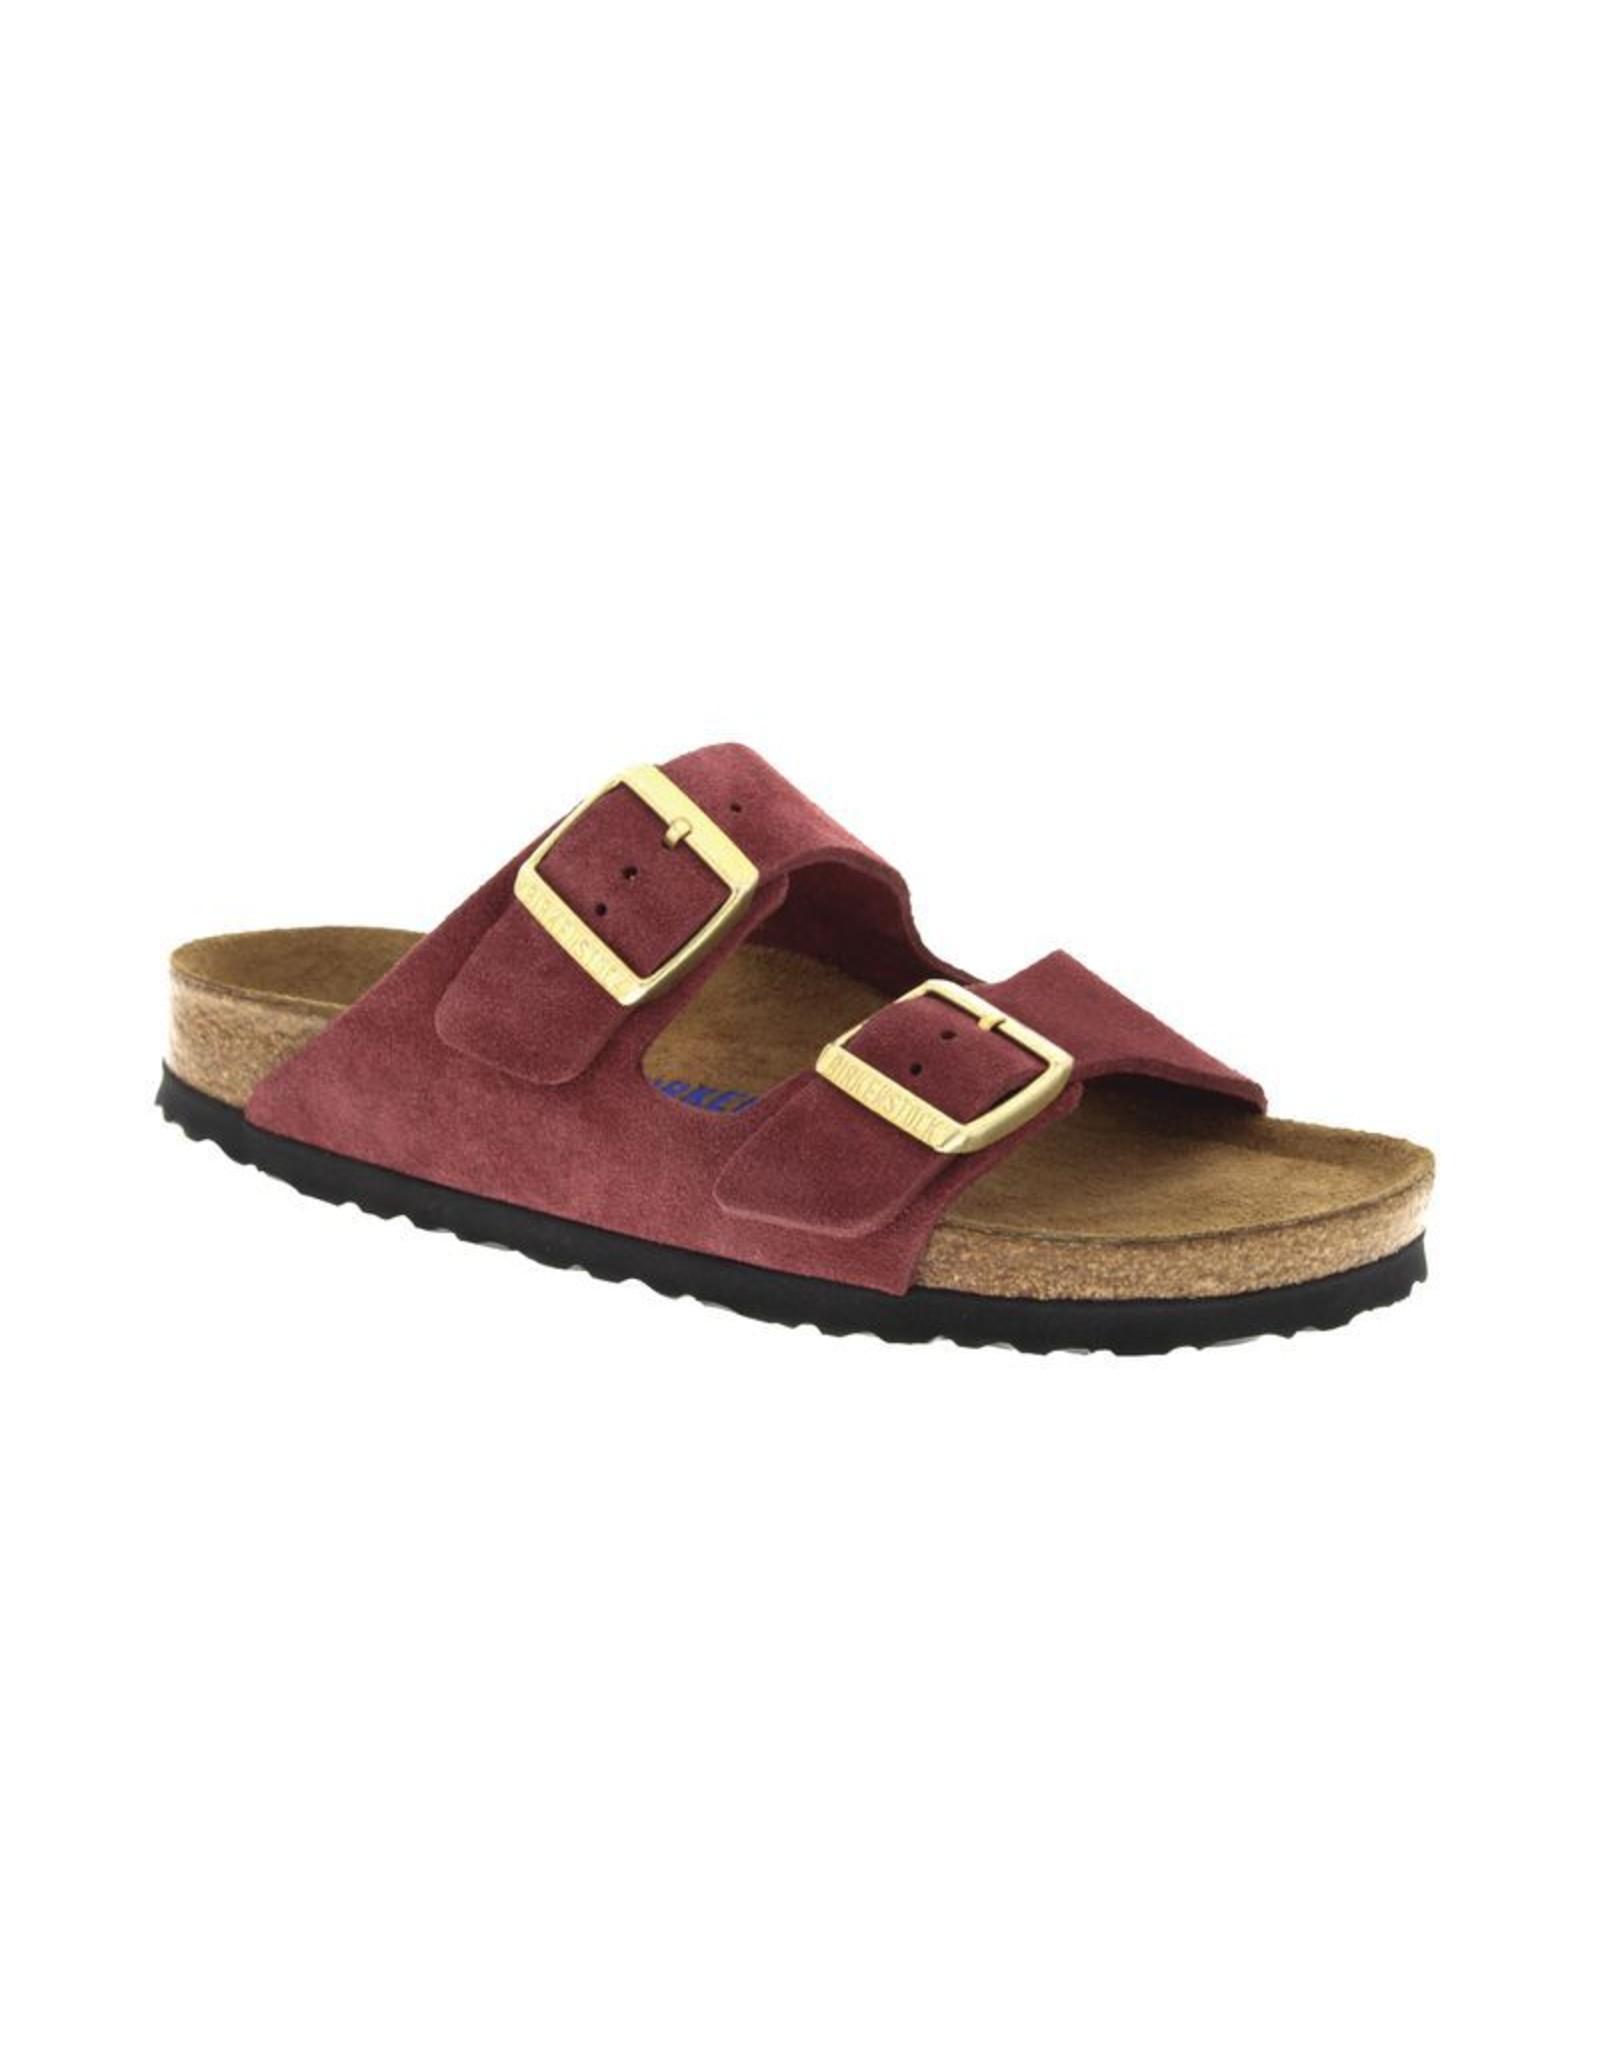 Birkenstock Arizona Soft Footbed Burgandy Suede Sandal